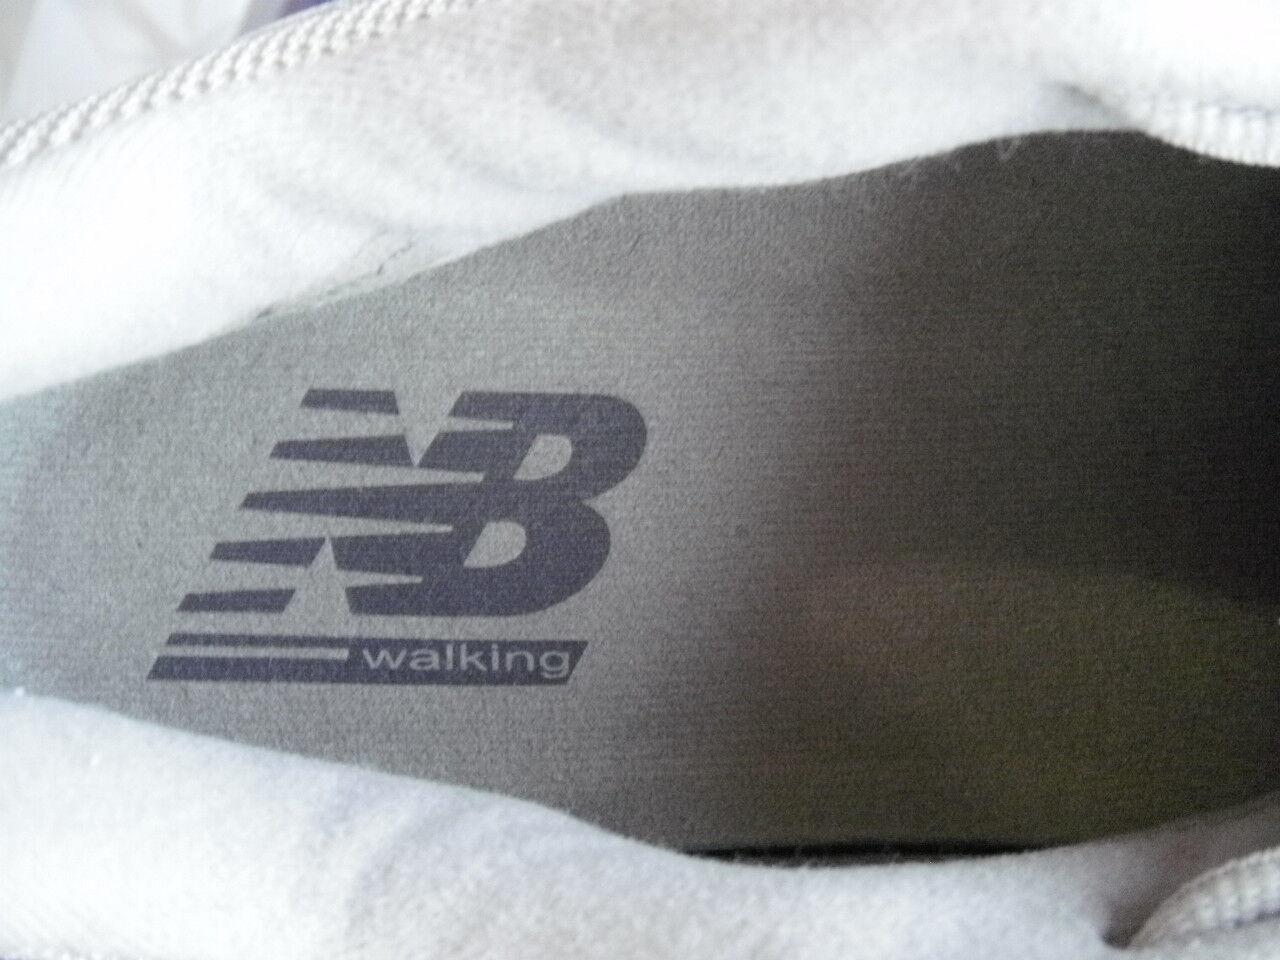 Women's Women's Women's NEW BALANCE 927 WW Rollbar Abzorb SBS Stone color Walking shoes 10B 21afa4